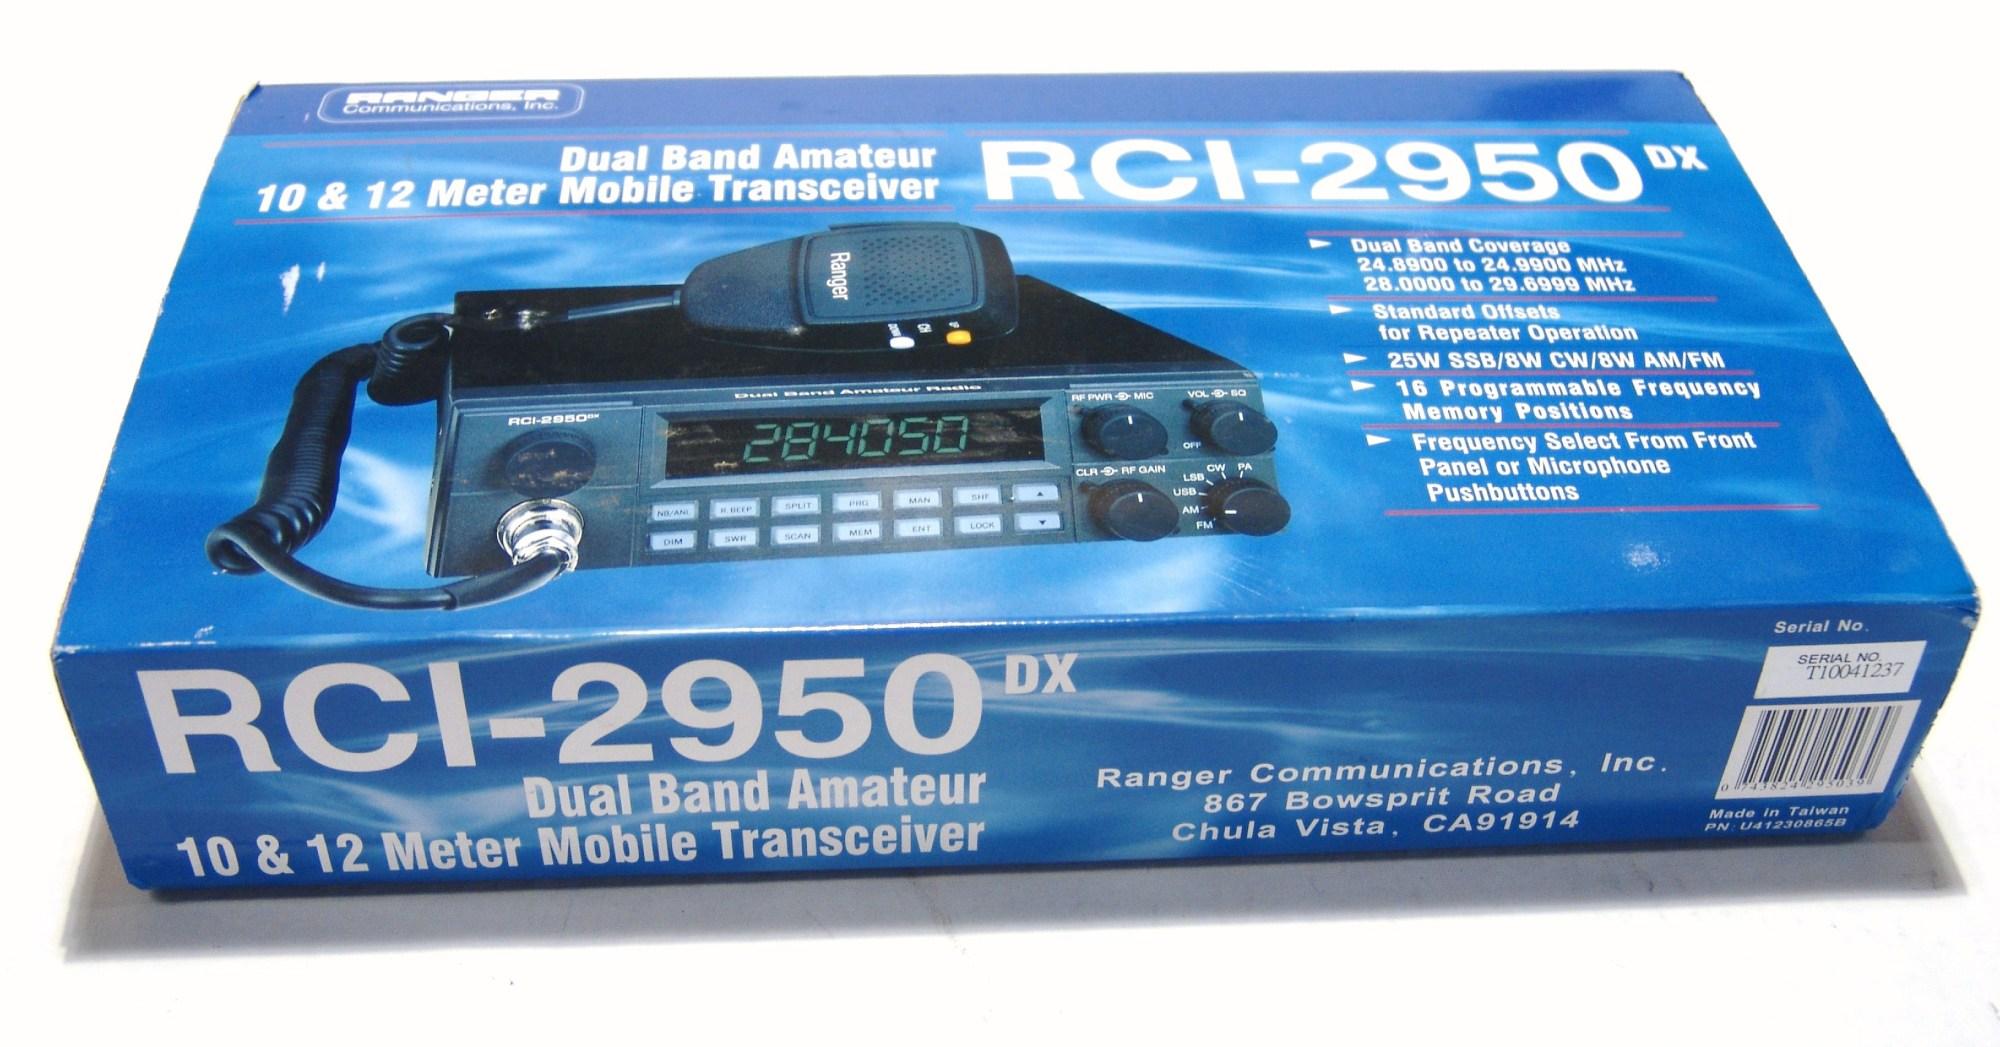 hight resolution of turner mic to ranger 2950 rci 2950 mic wiring